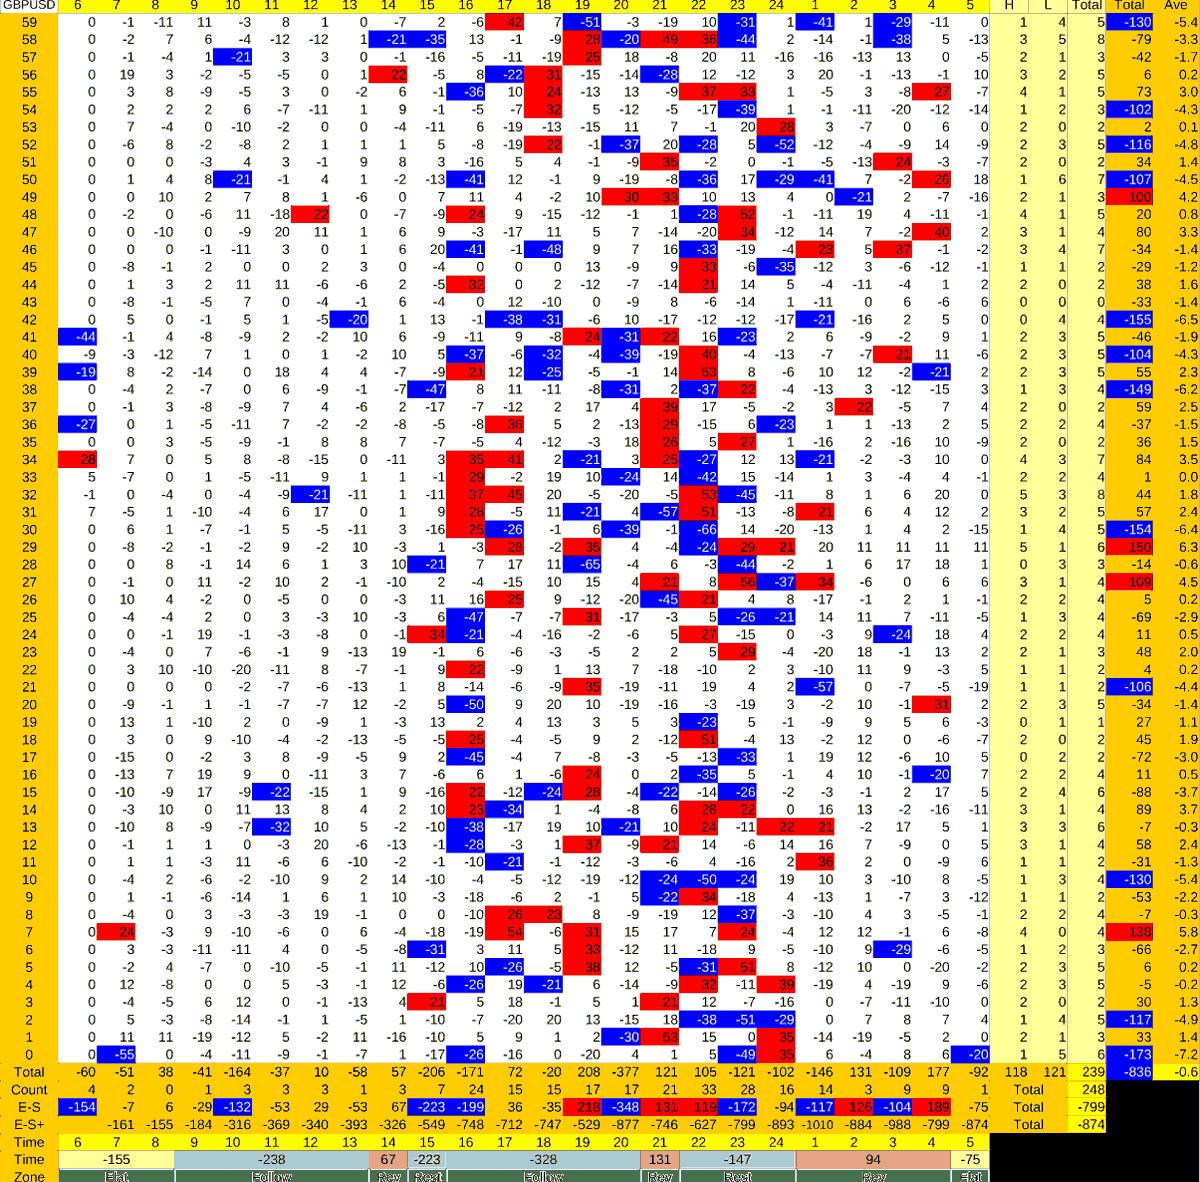 20210920_HS(2)GBPUSD-min